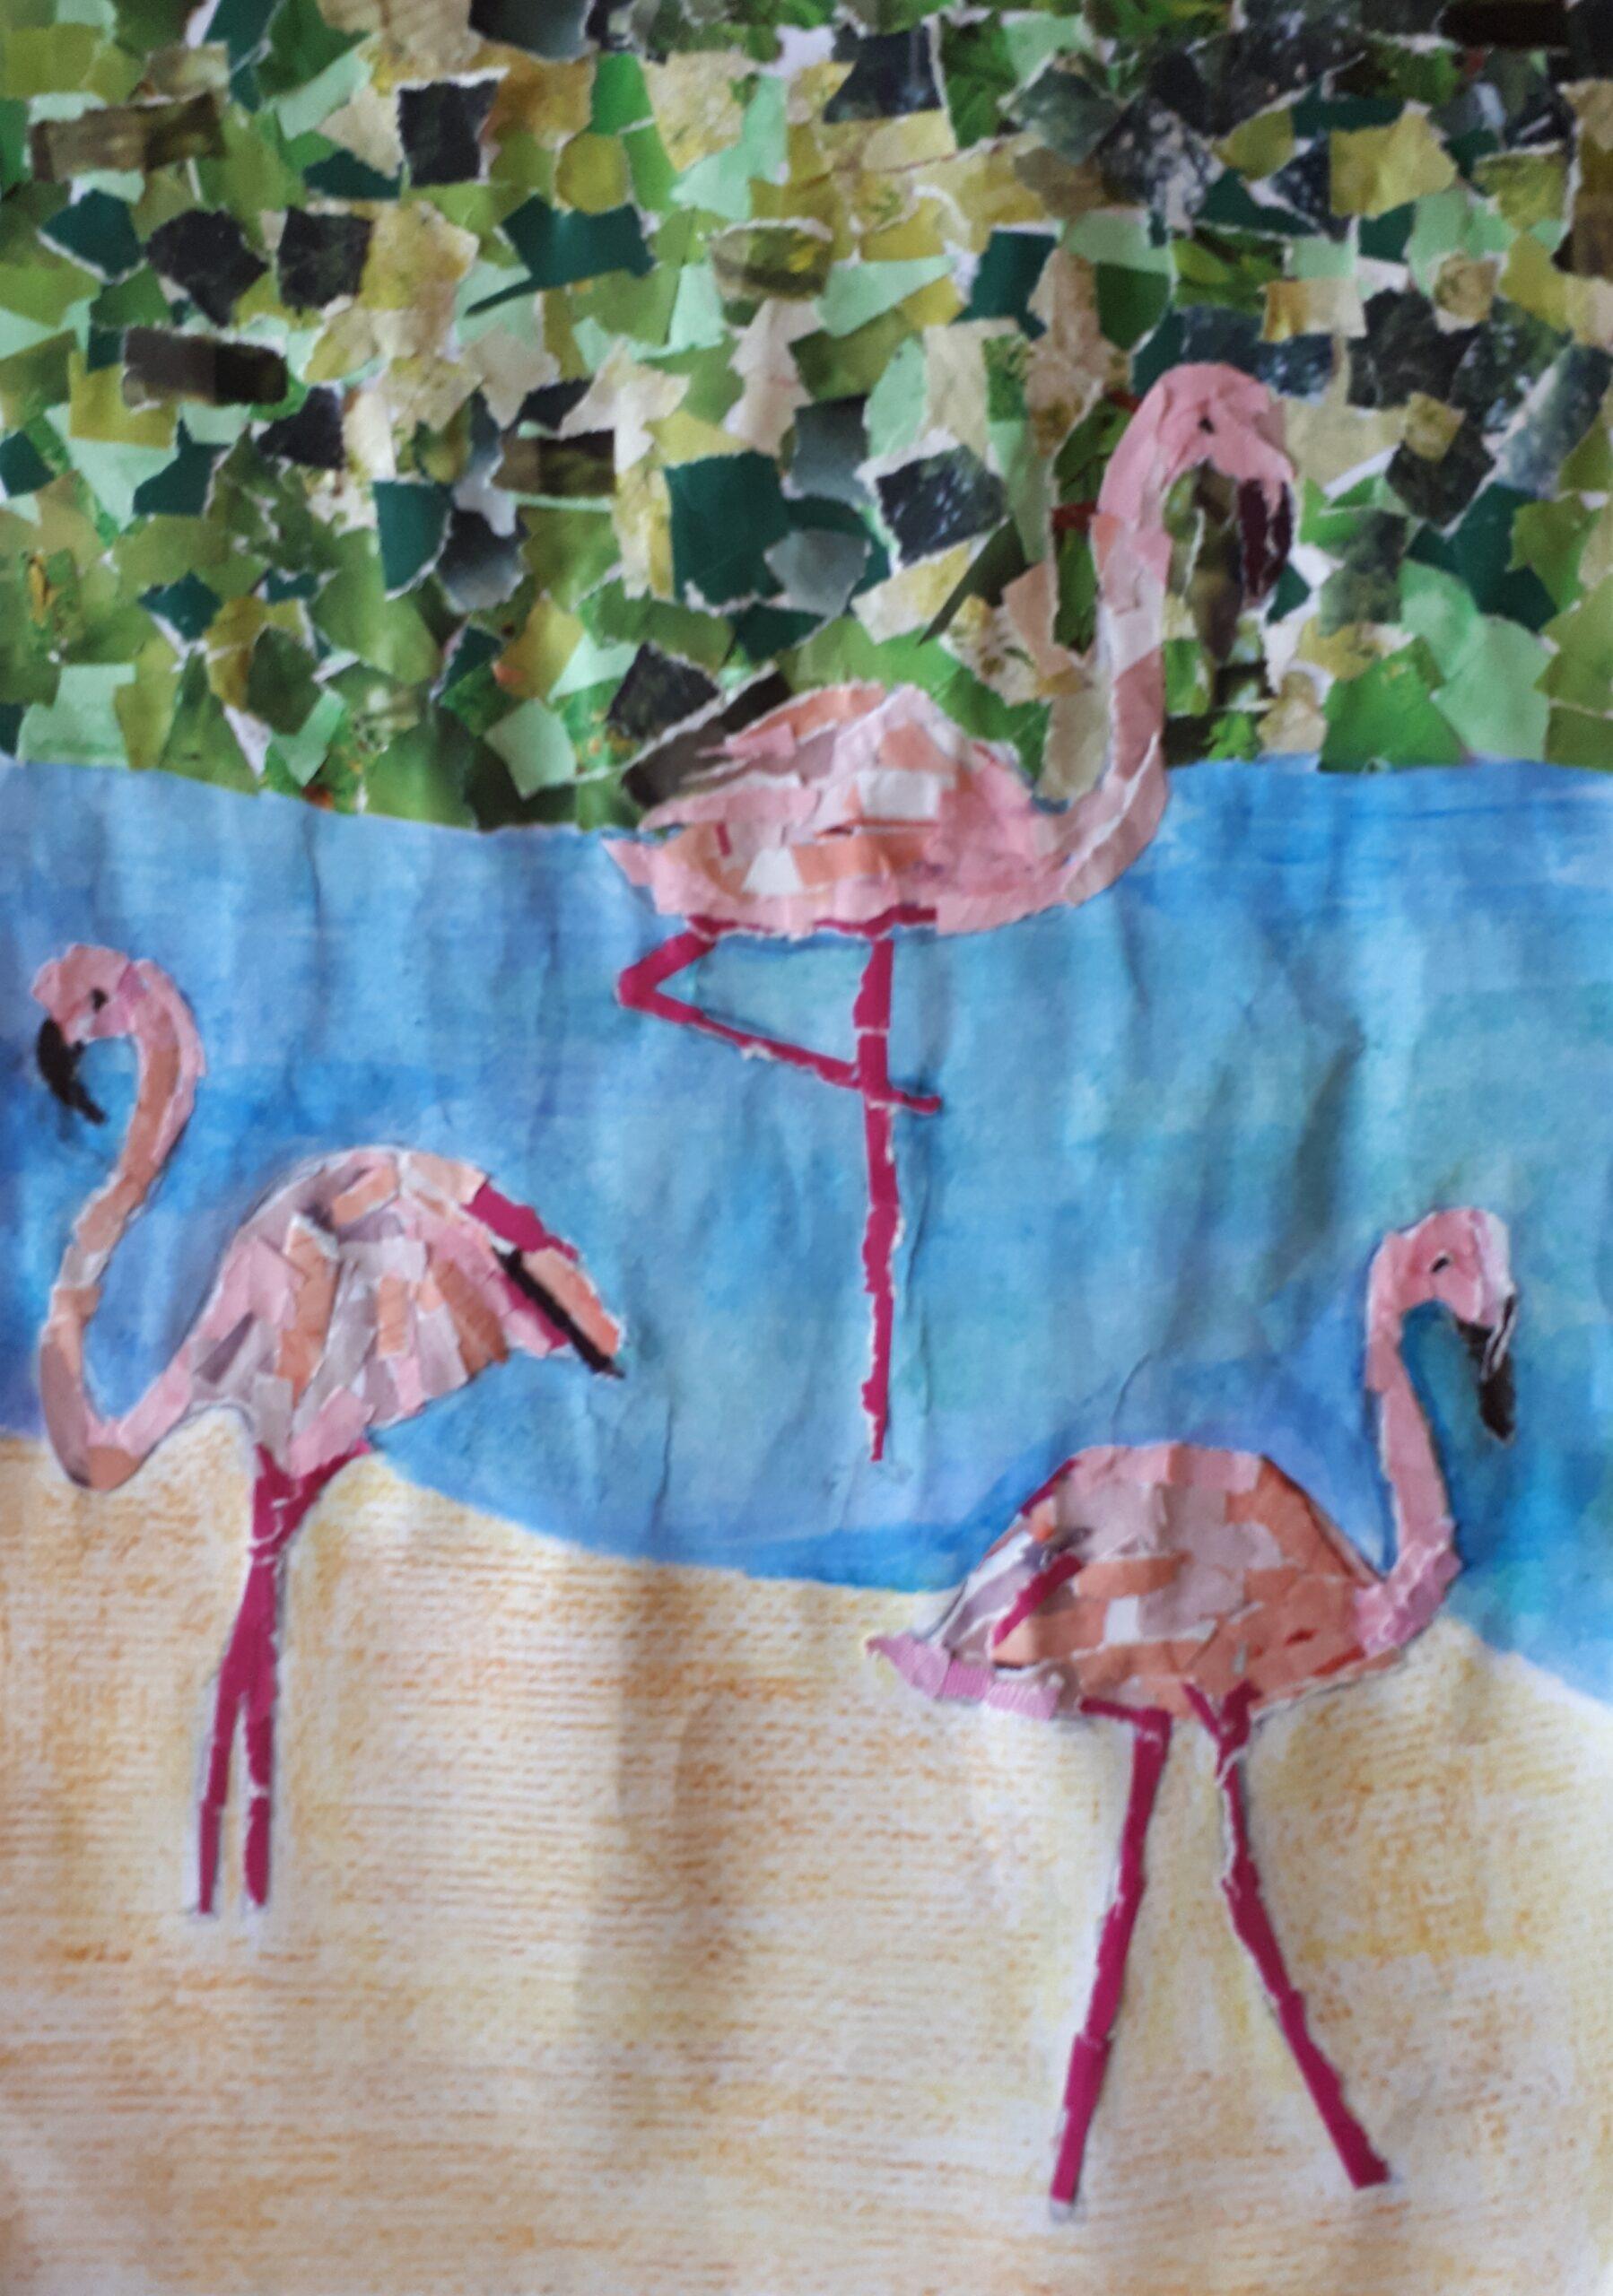 Flamingos at Ras Al Khor by Athali Sushenya Fernando